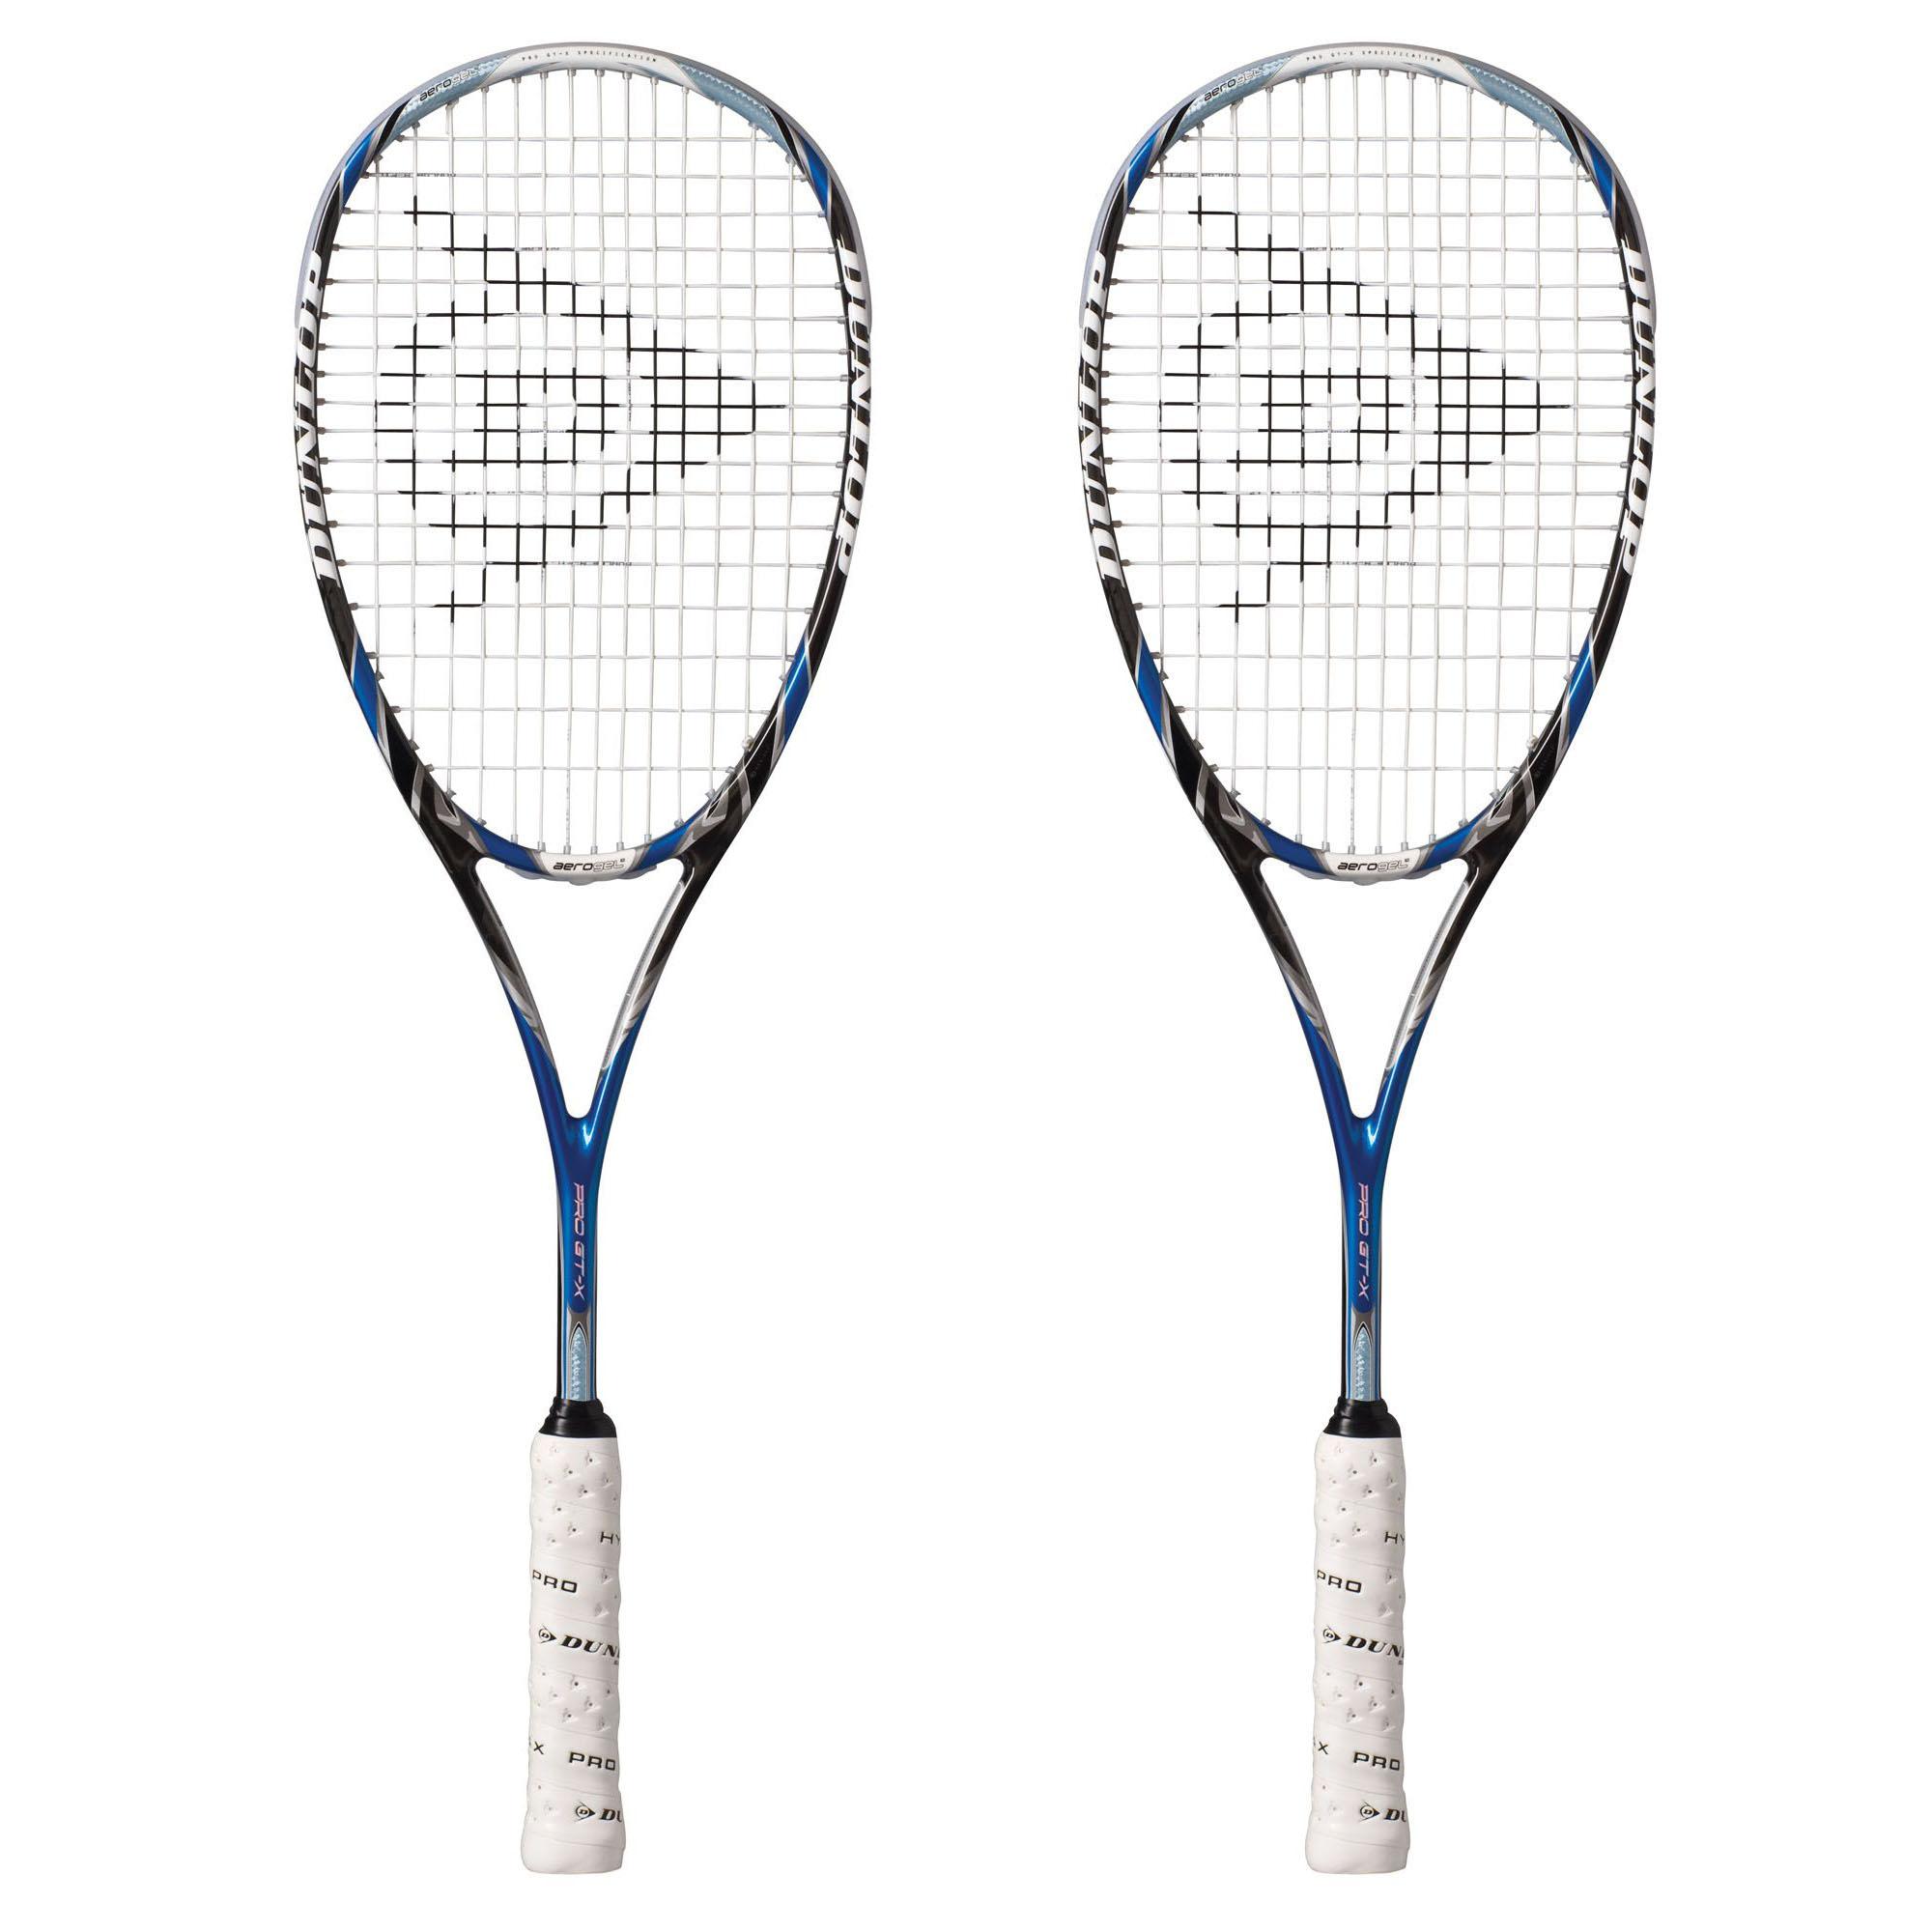 Dunlop Aerogel 4D Pro GTX Squash Racket Double Pack